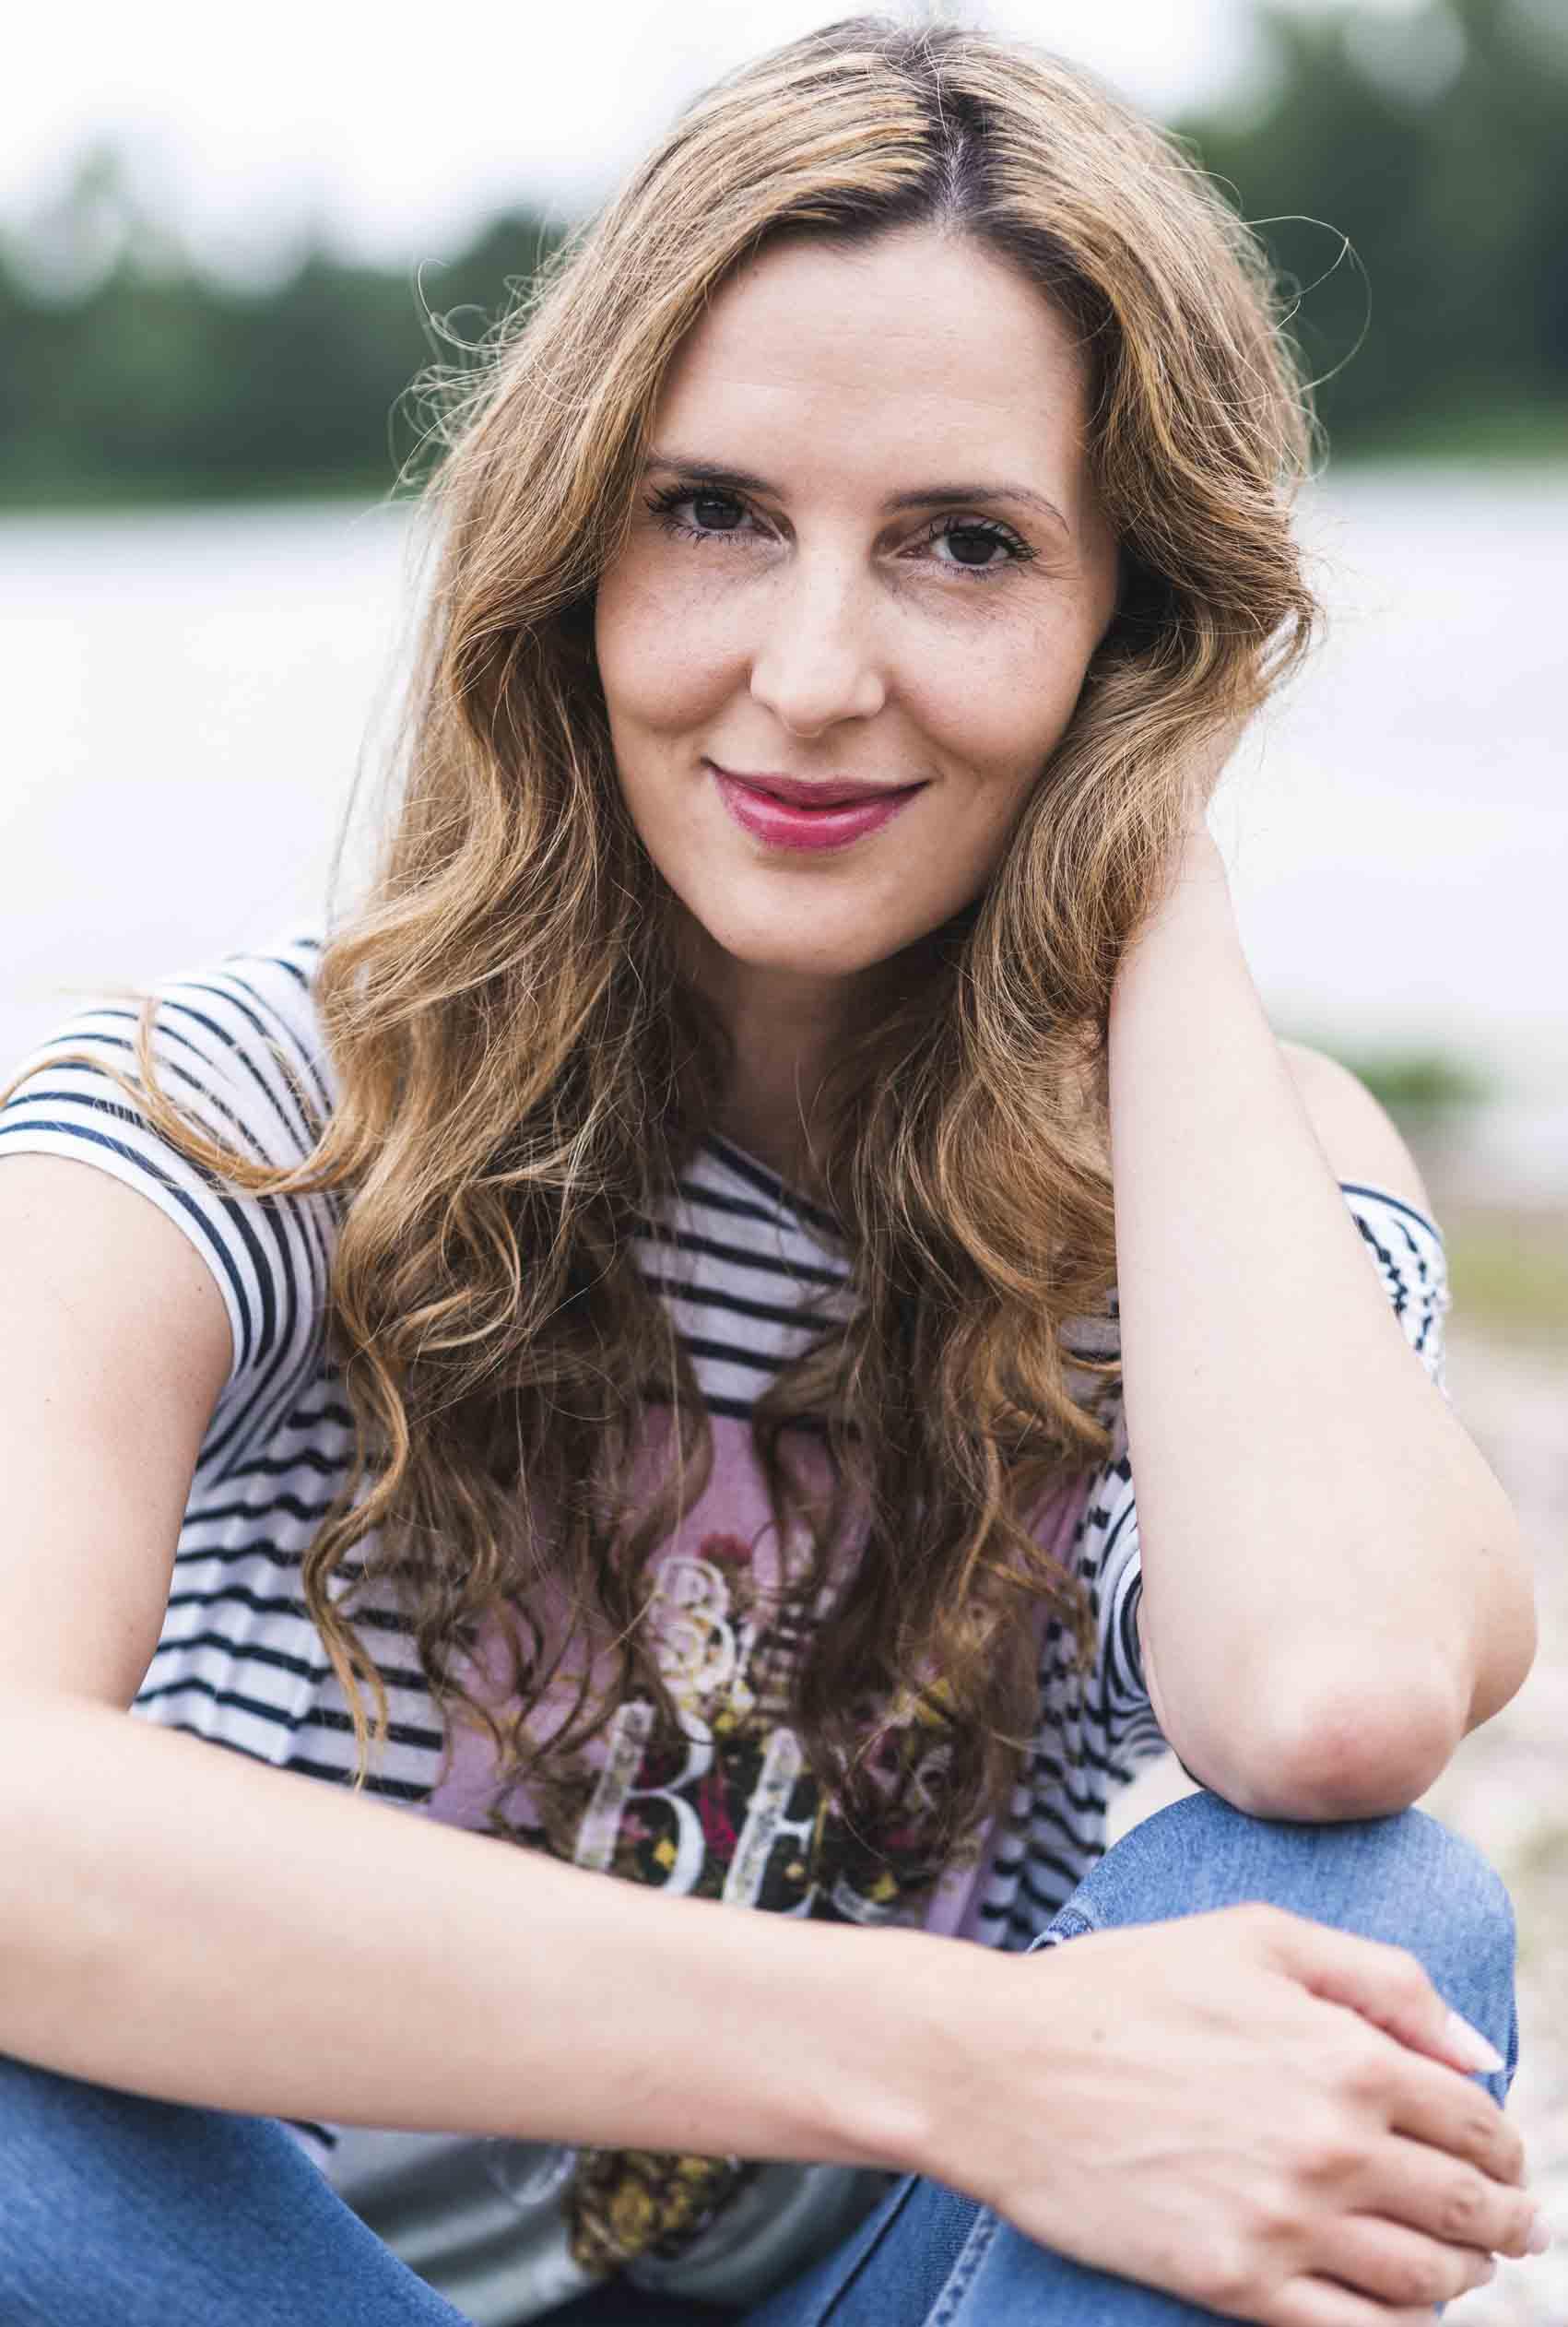 StephanieLangner34.jpg